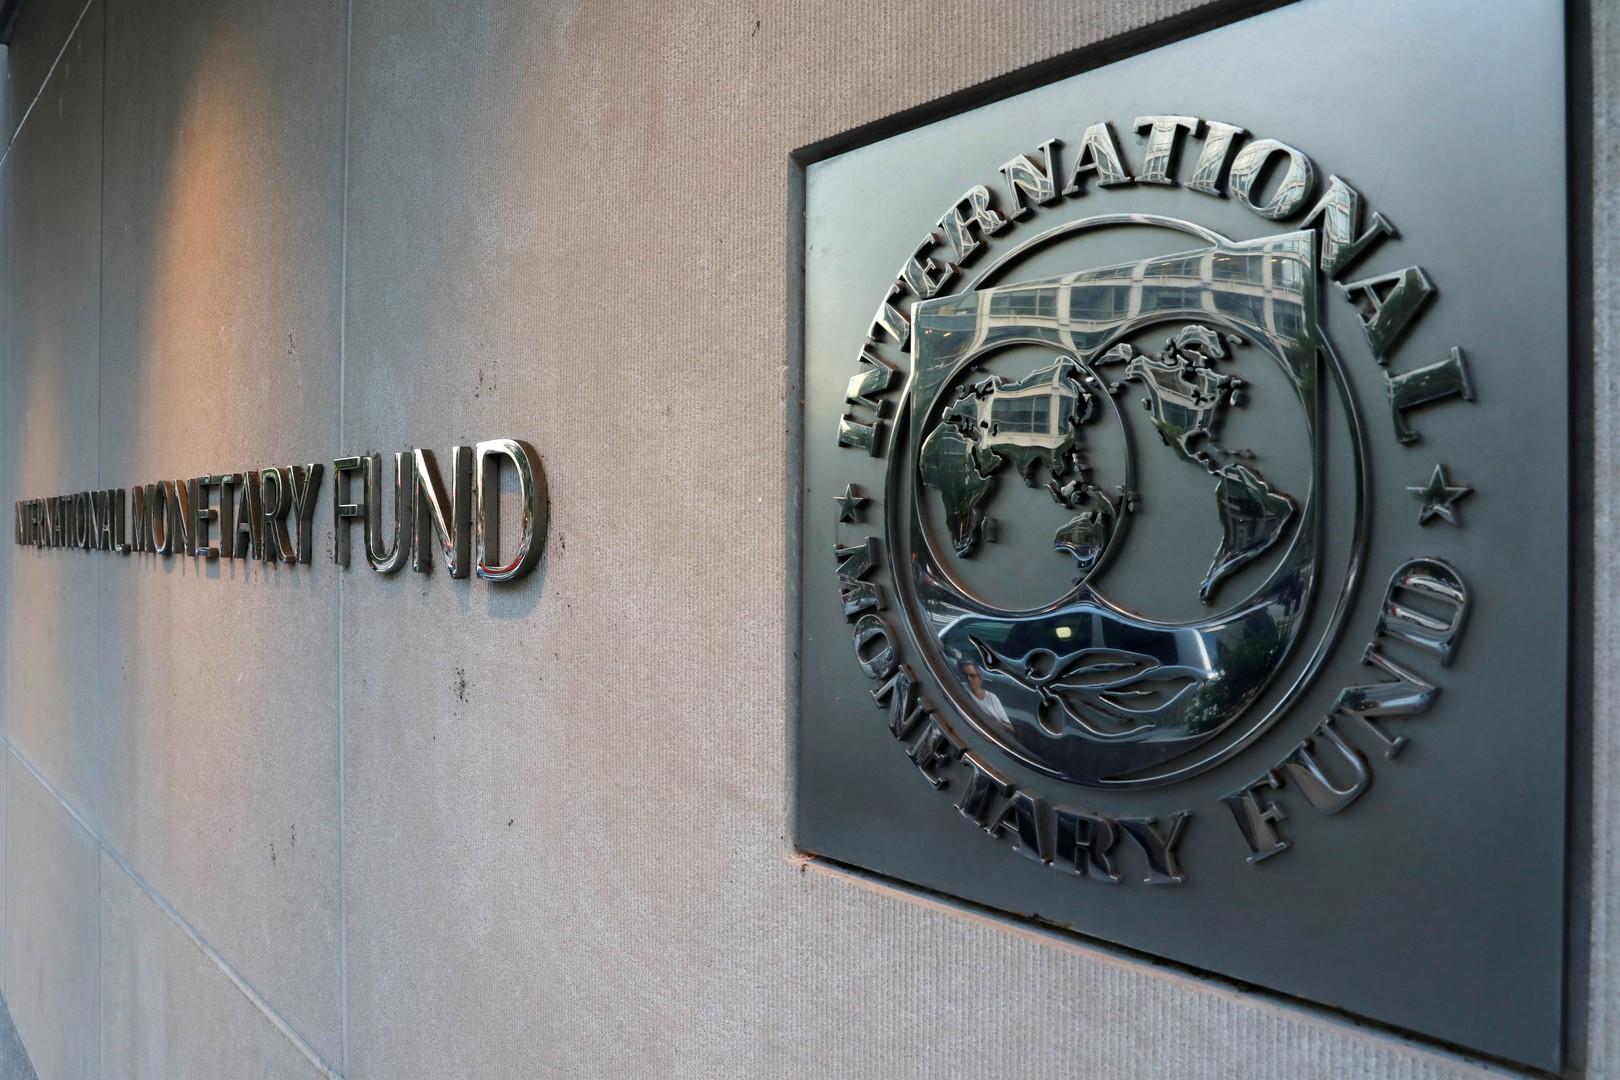 صندوق النقد الدولي: تونس عارضت توصيتنا بصدد الأجور